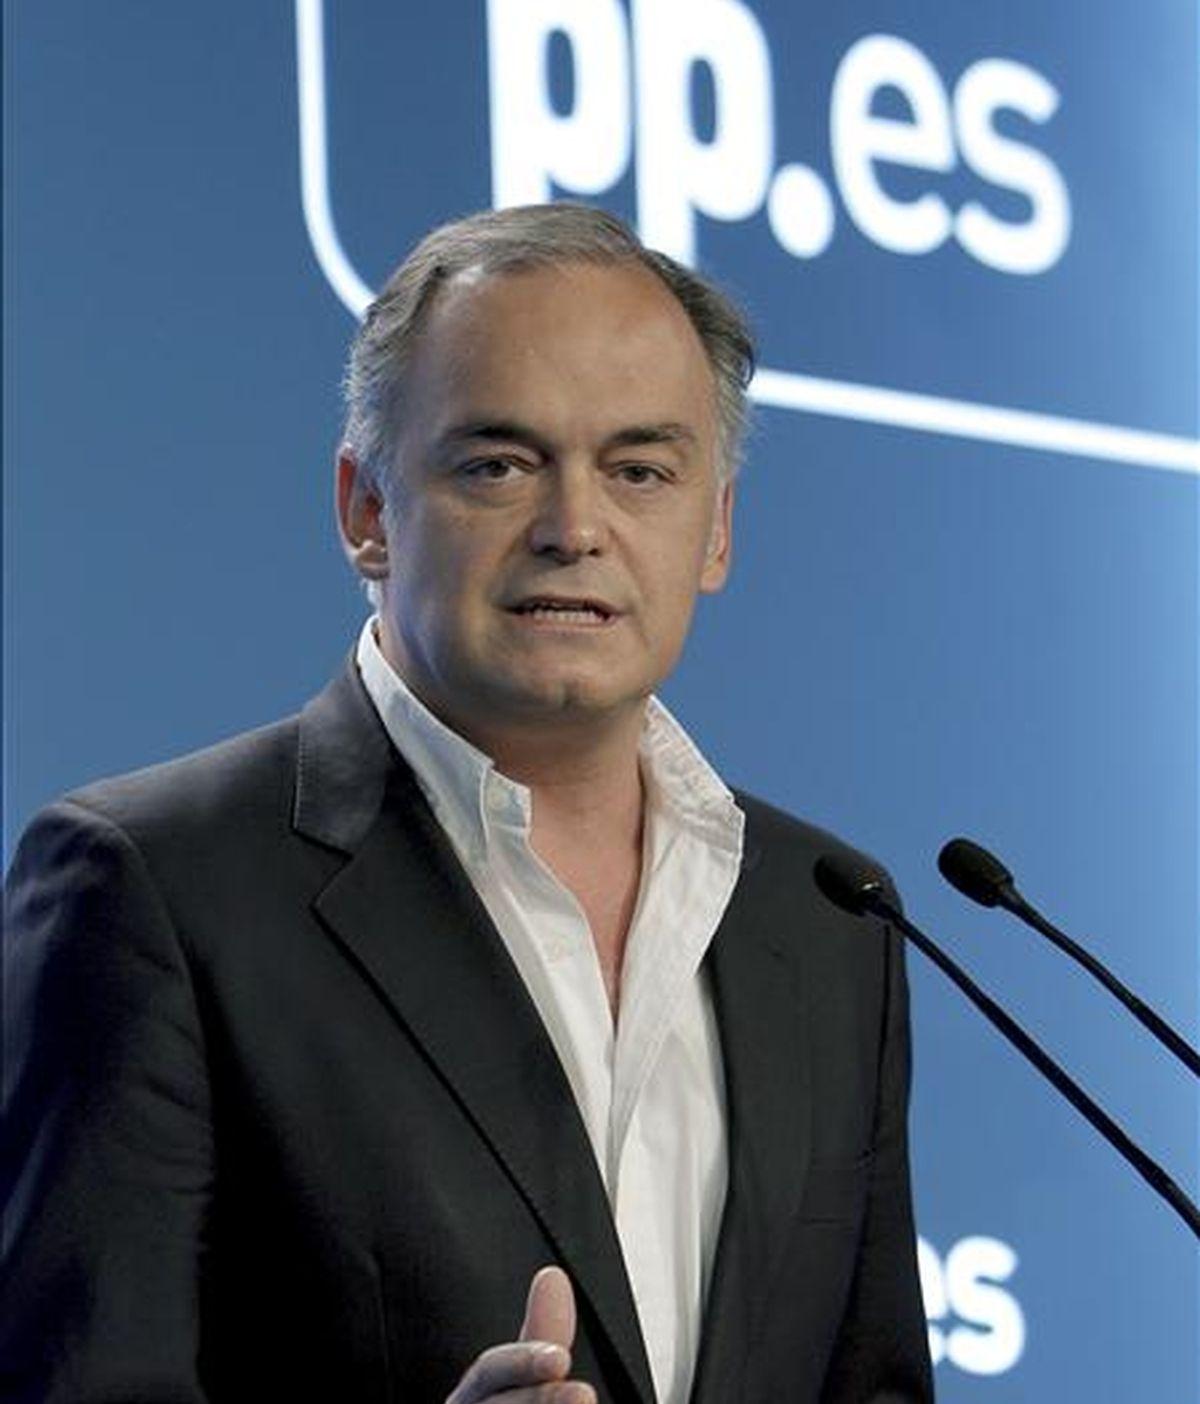 El vicesecretario de Comunicación del PP, Esteban González Pons, durante la rueda de prensa que ha ofrecido hoy en Madrid. EFE